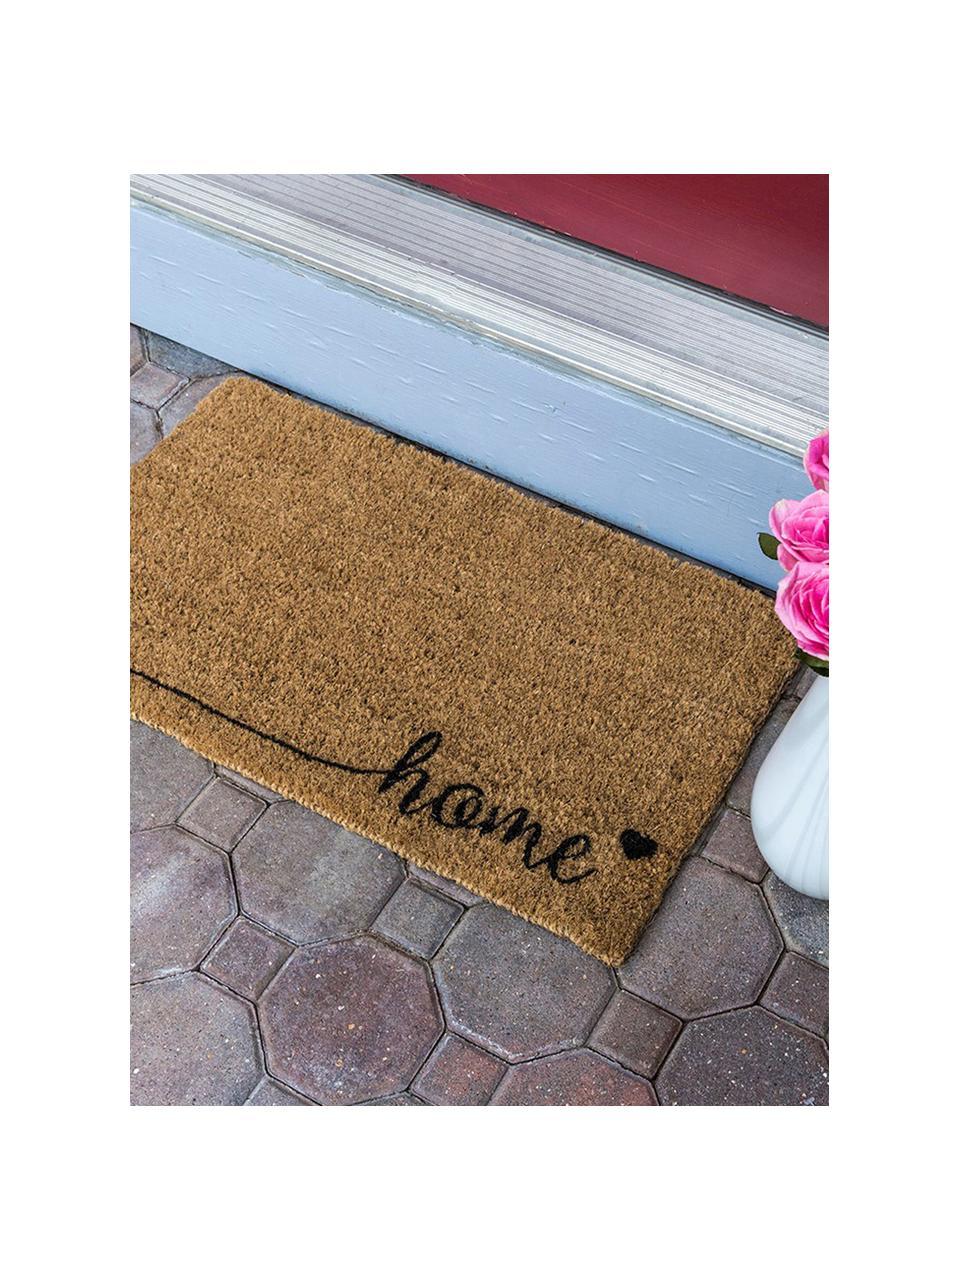 Fußmatte Just For Your Home, Oberseite: Kokosfaser, Unterseite: Kunststoff (PVC), Braun, Schwarz, 40 x 60 cm